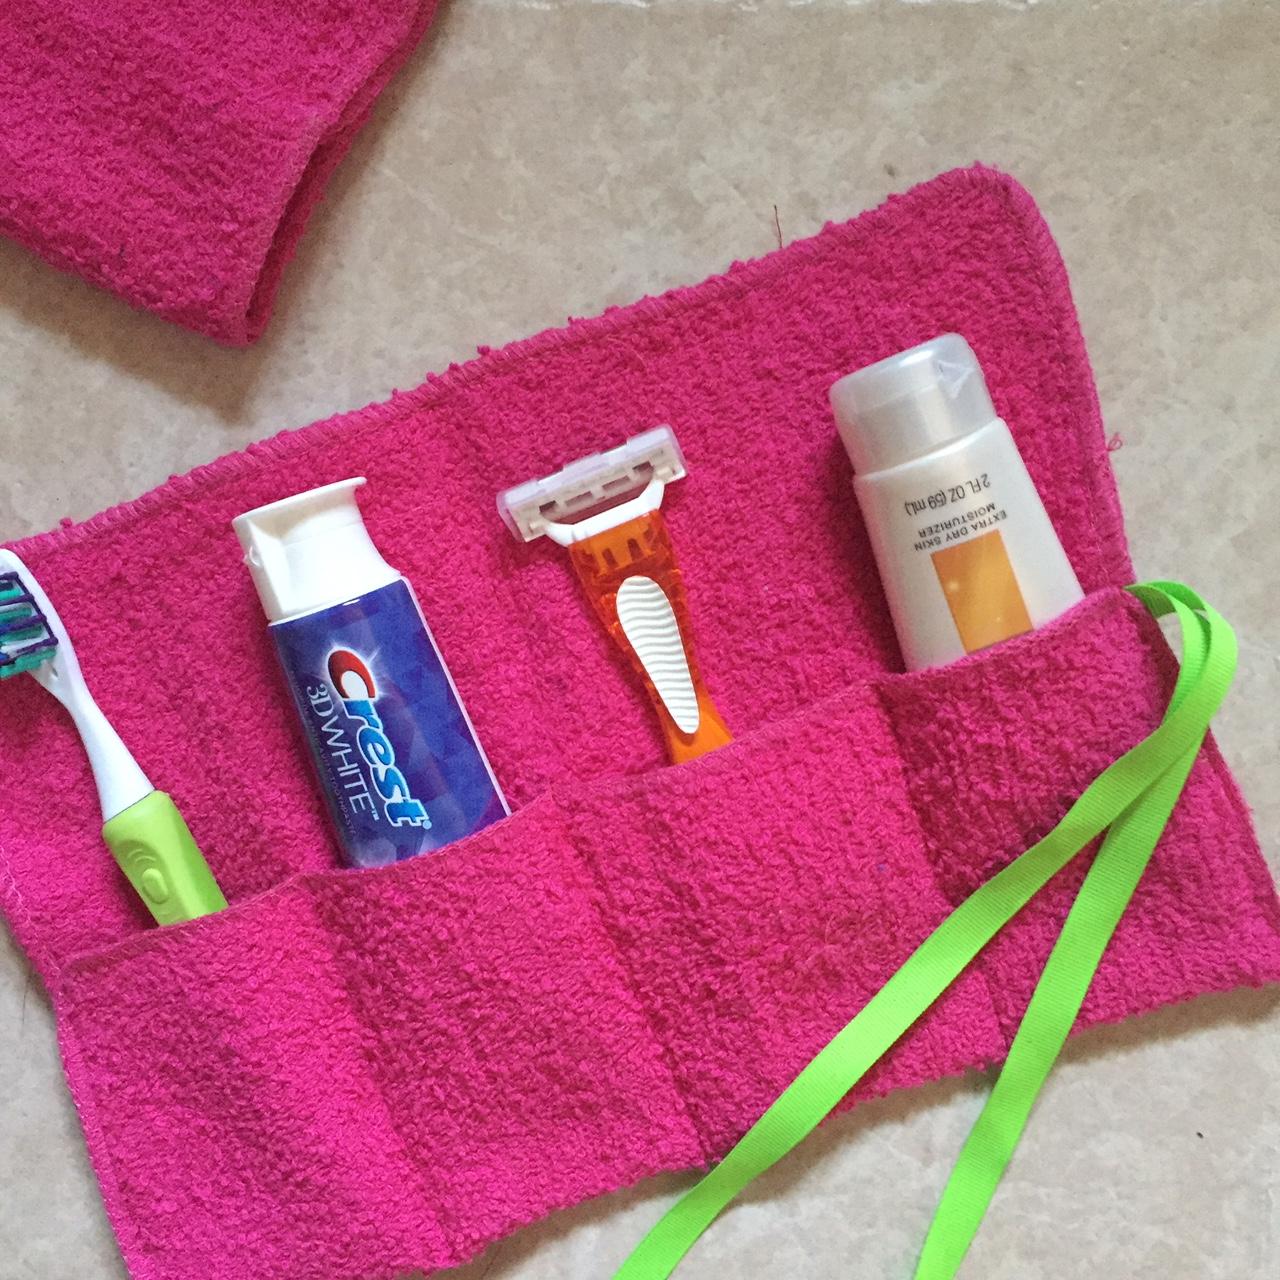 DIY Personal Care Kit